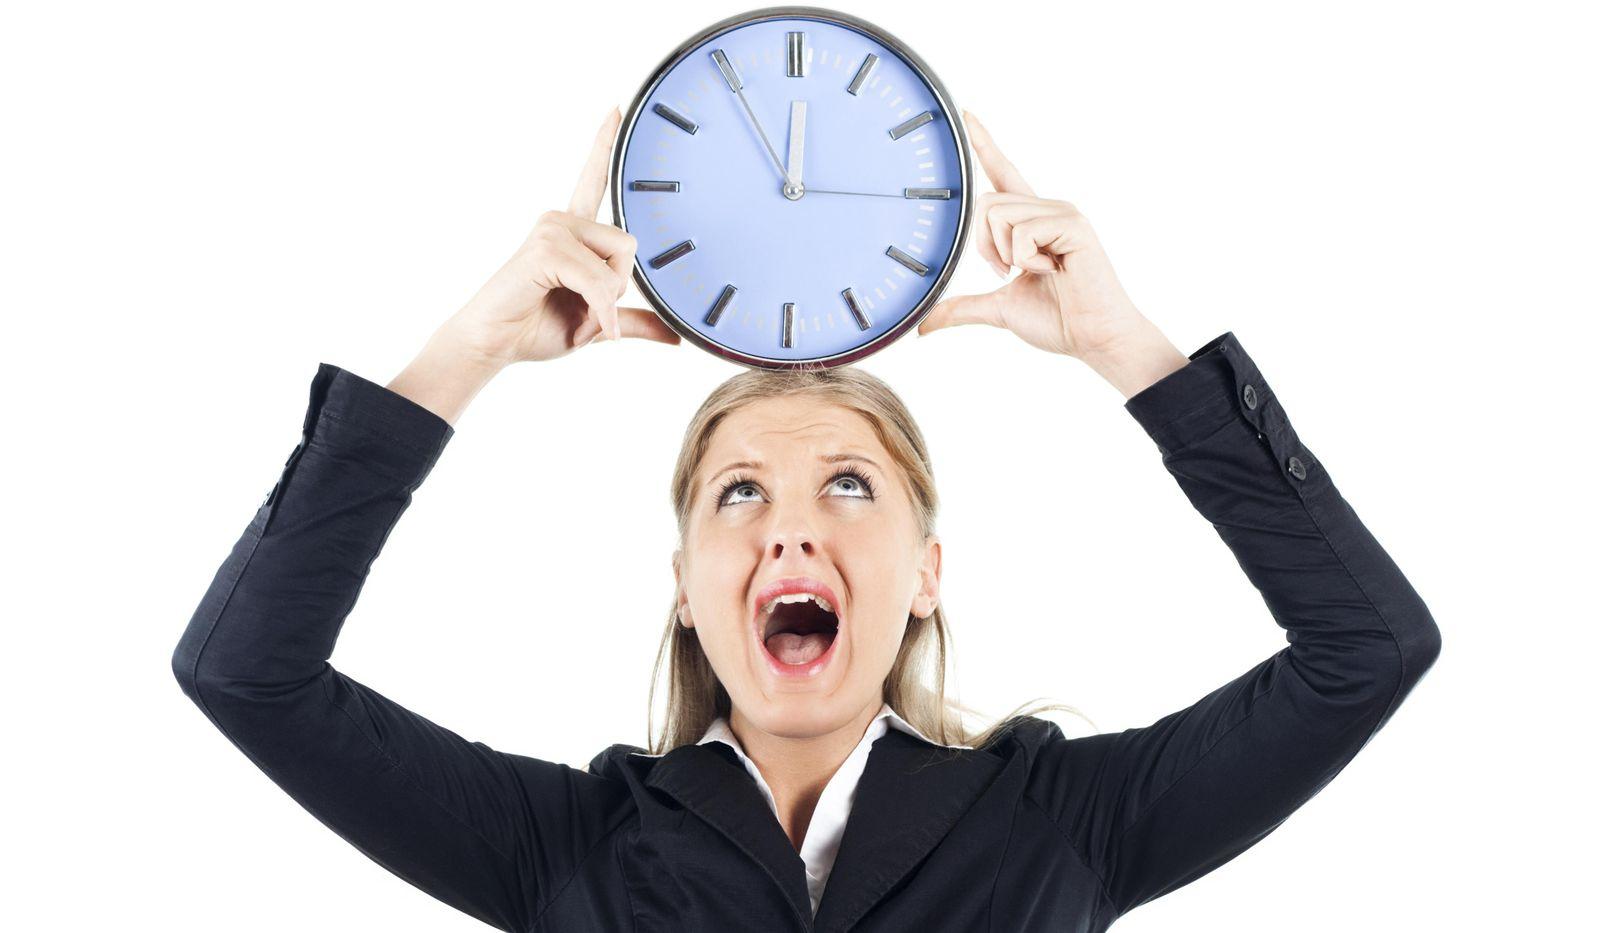 Foto: No te agobies. En pocos segundos puedes tomar las riendas de tu vida y ser feliz. (iStock)